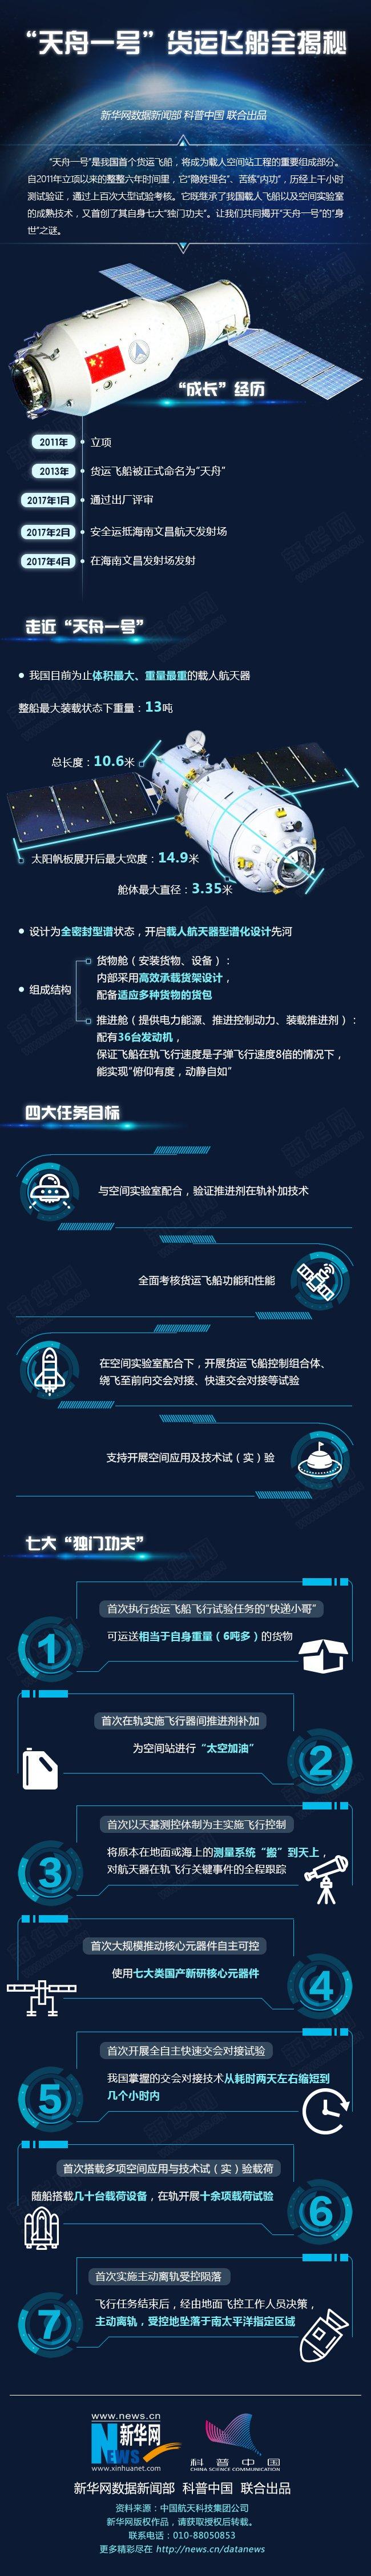 2017年4月20日,中國第一艘貨運飛船天舟一號成功發射(新華社)